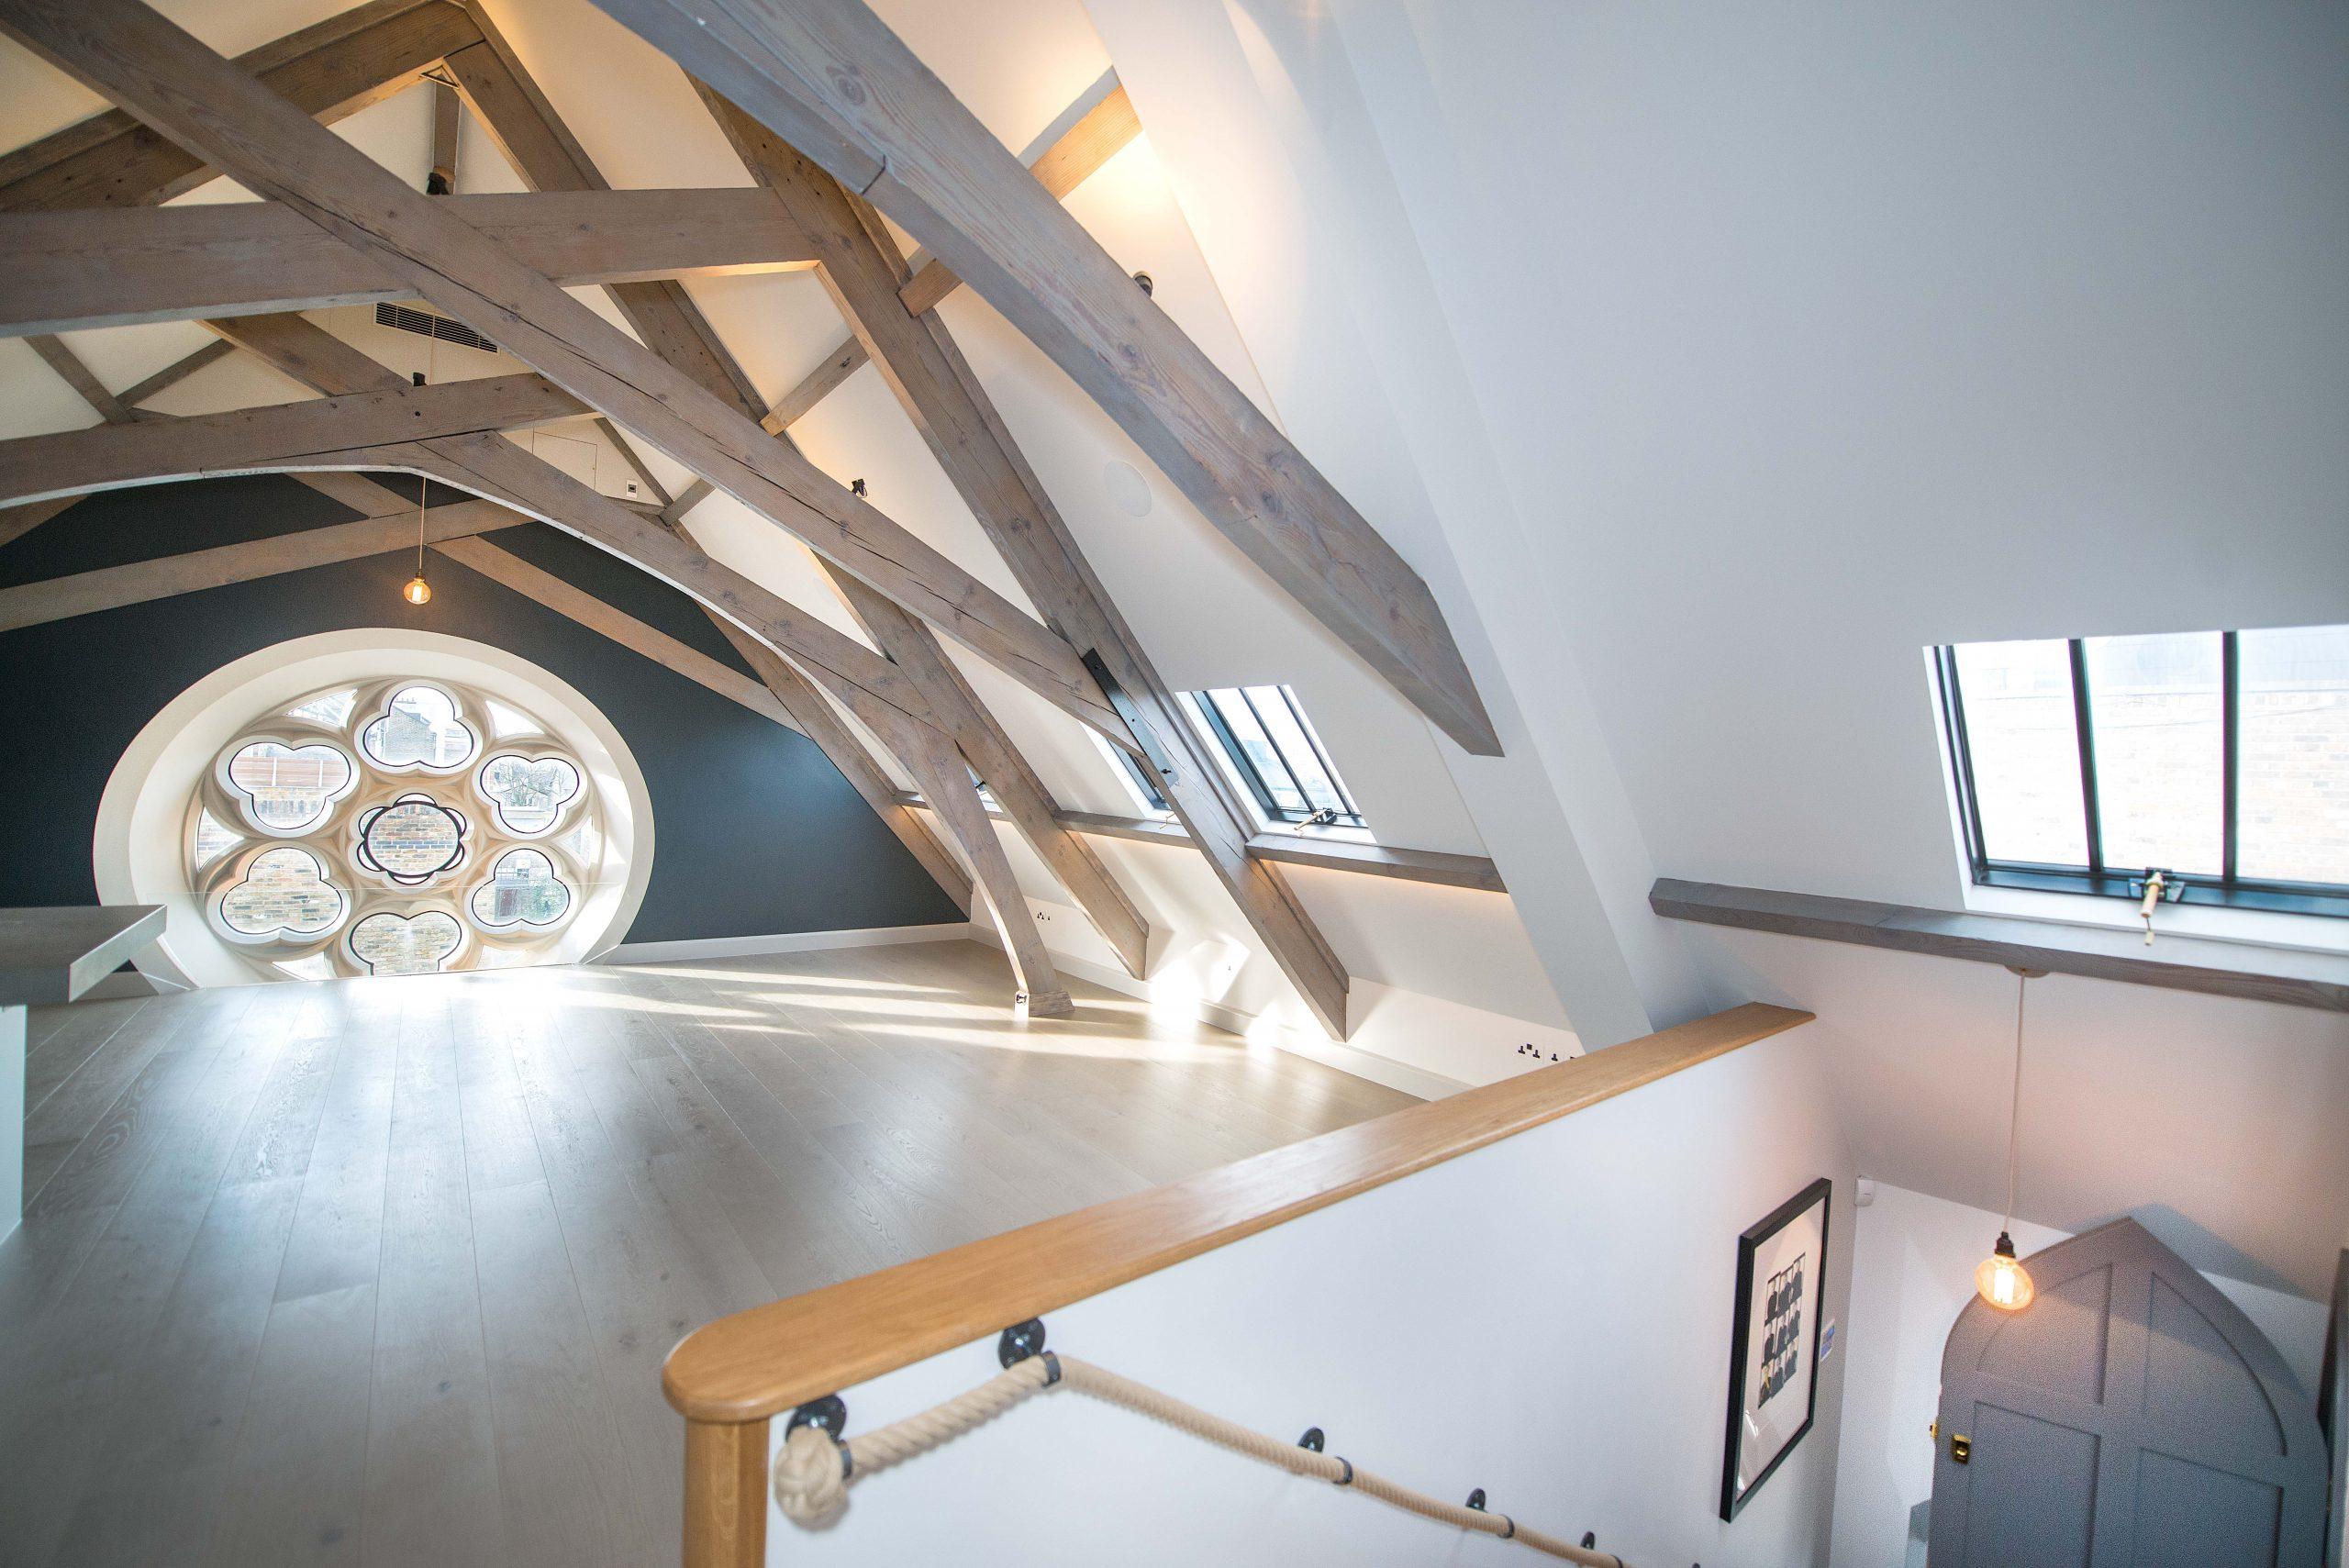 Rooflights in a loft room